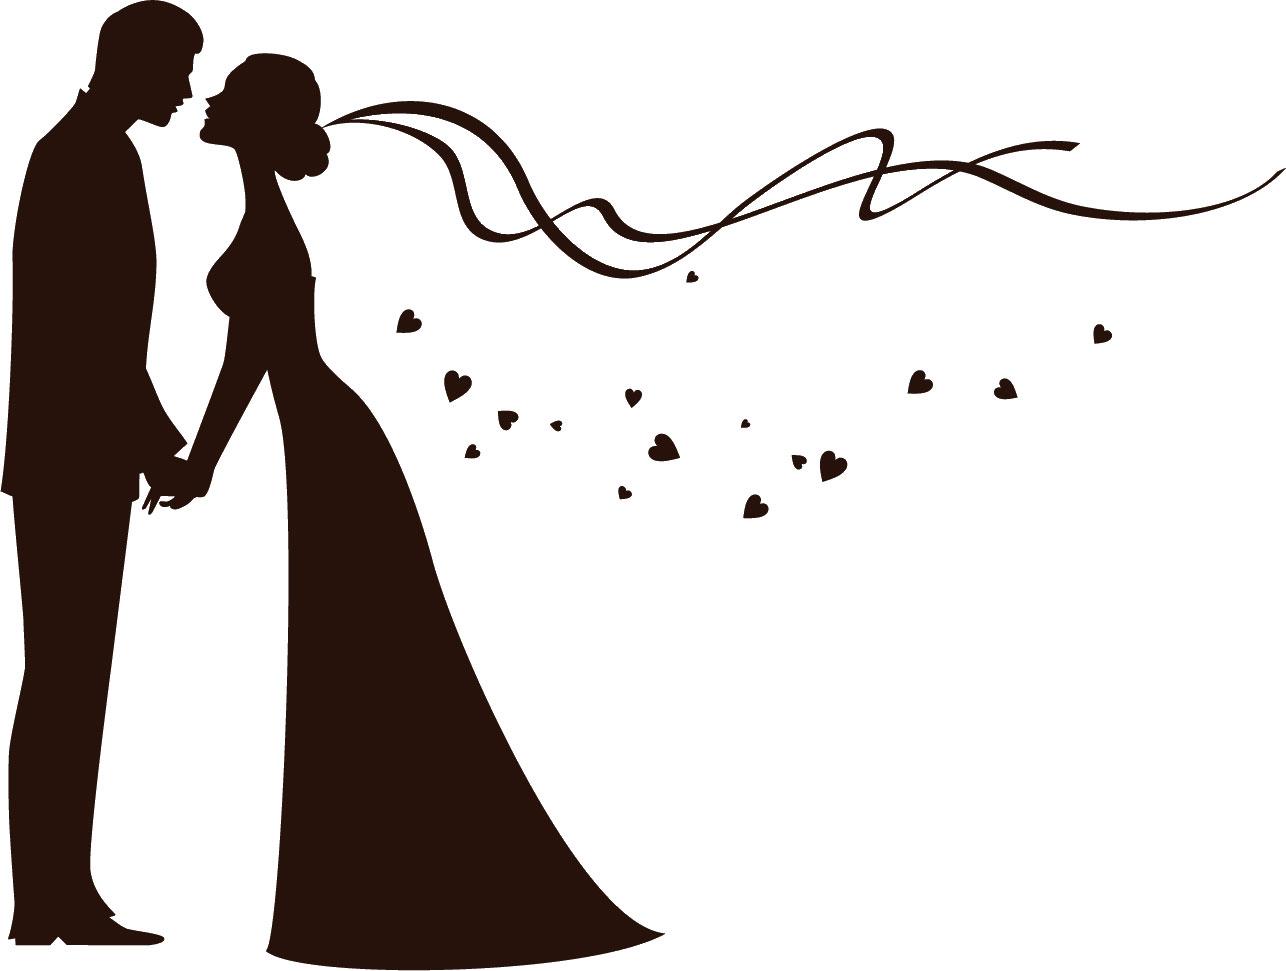 寄せ書きデザイン - イラスト素材「花嫁花婿シルエット」